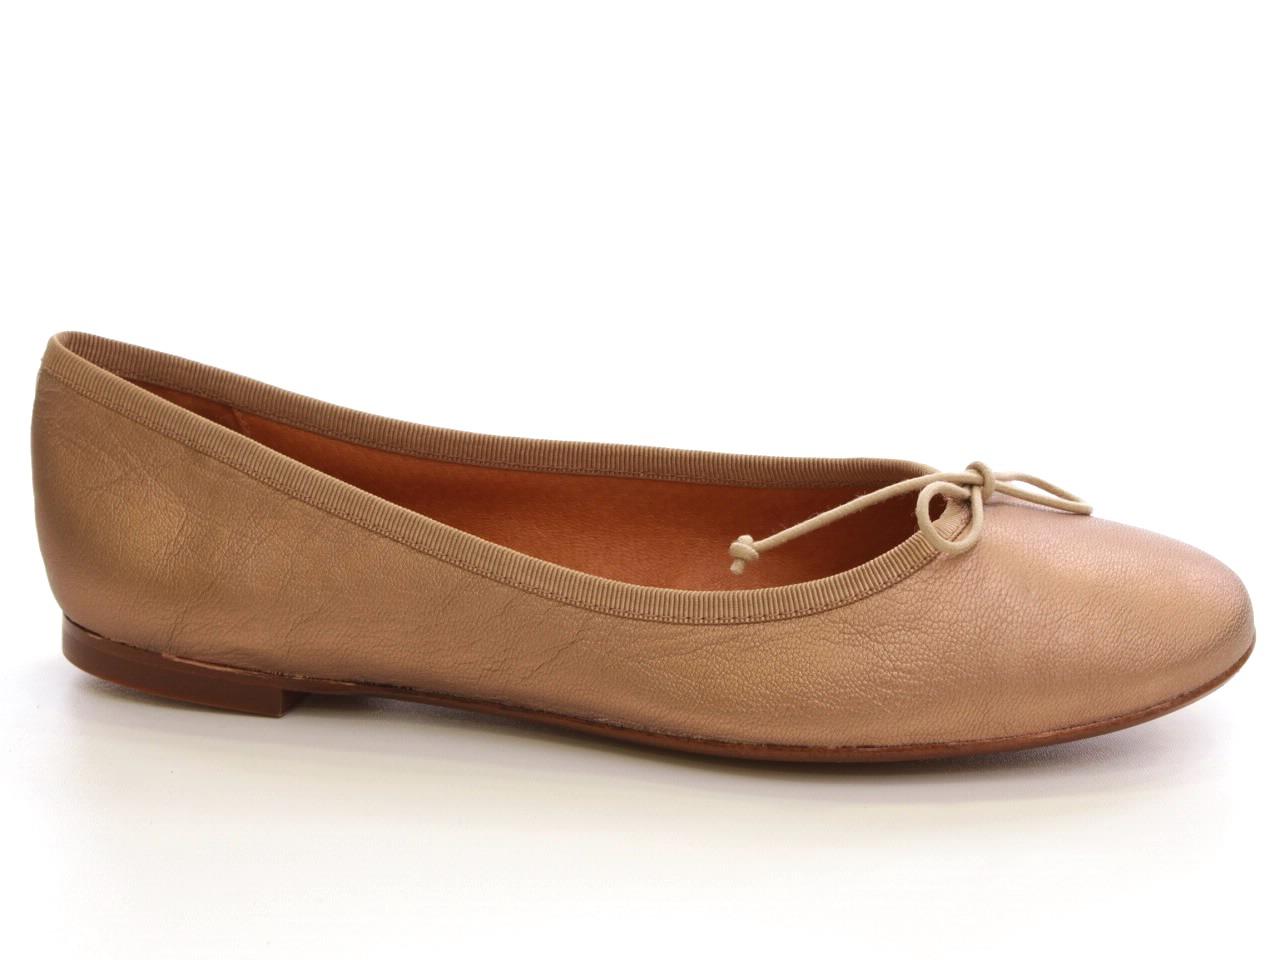 Chaussures Plates, Ballerine, Mocassins Maypol - 624 BALLET-M